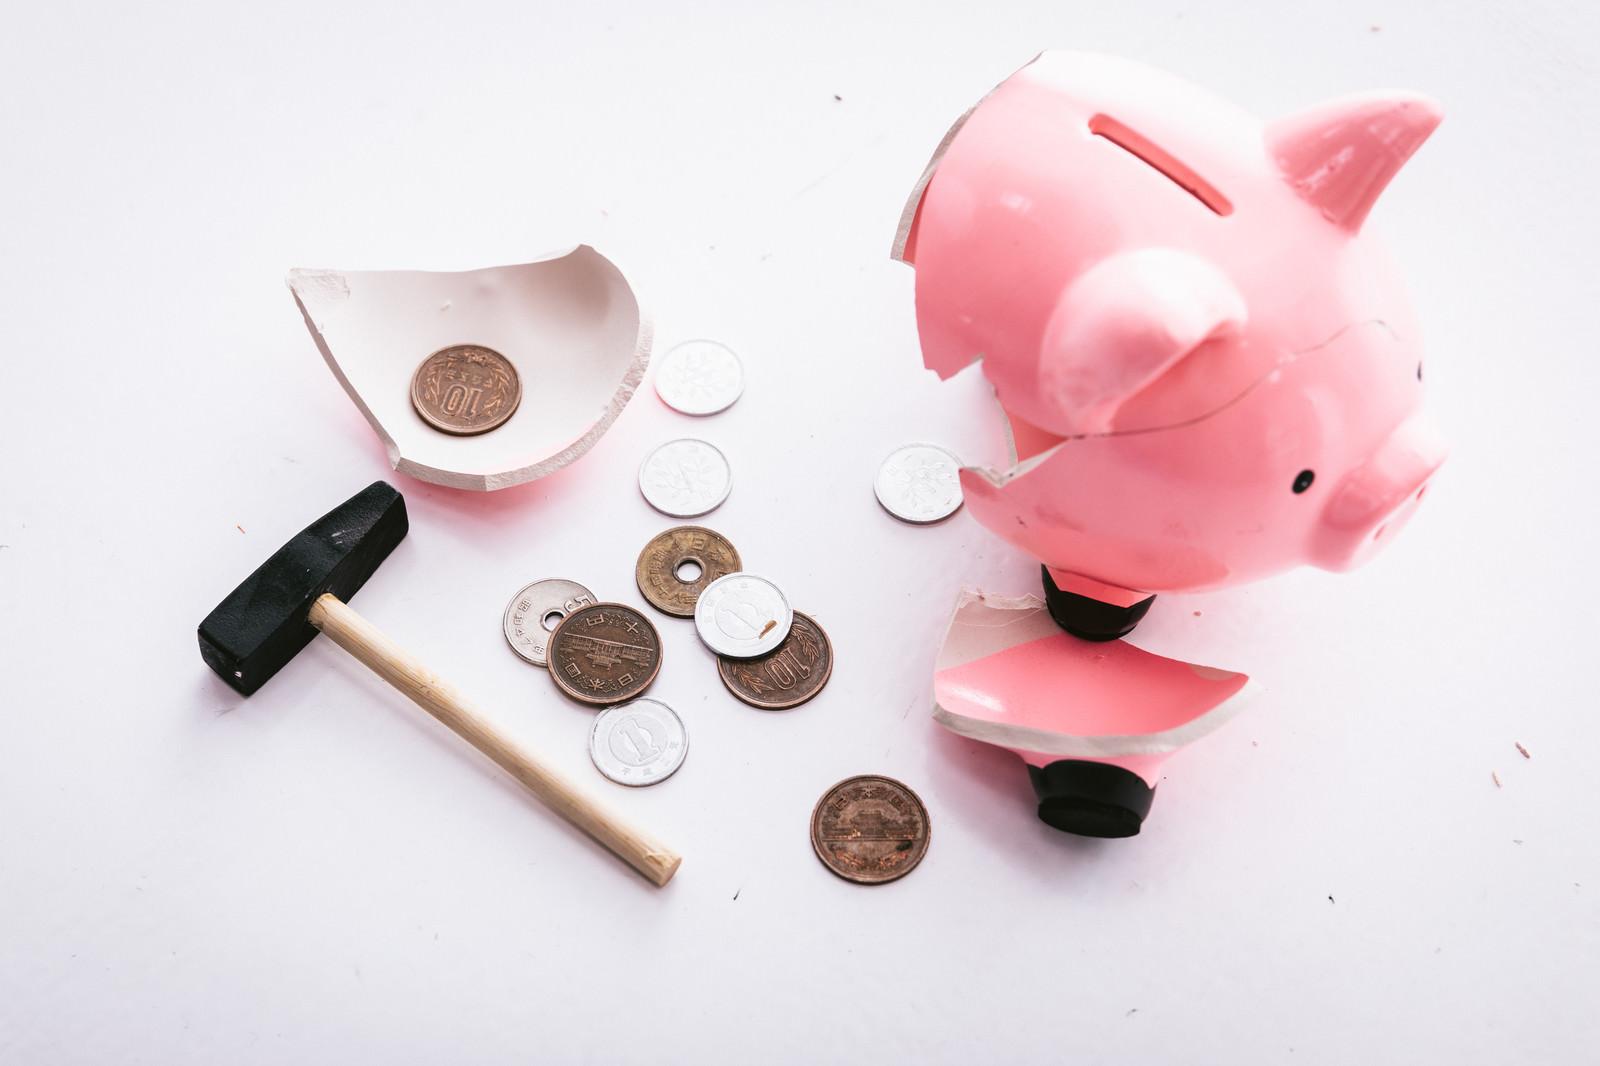 「月末でお金がなくて貯金箱を破壊するがほとんど入ってなかった(ショック)」の写真